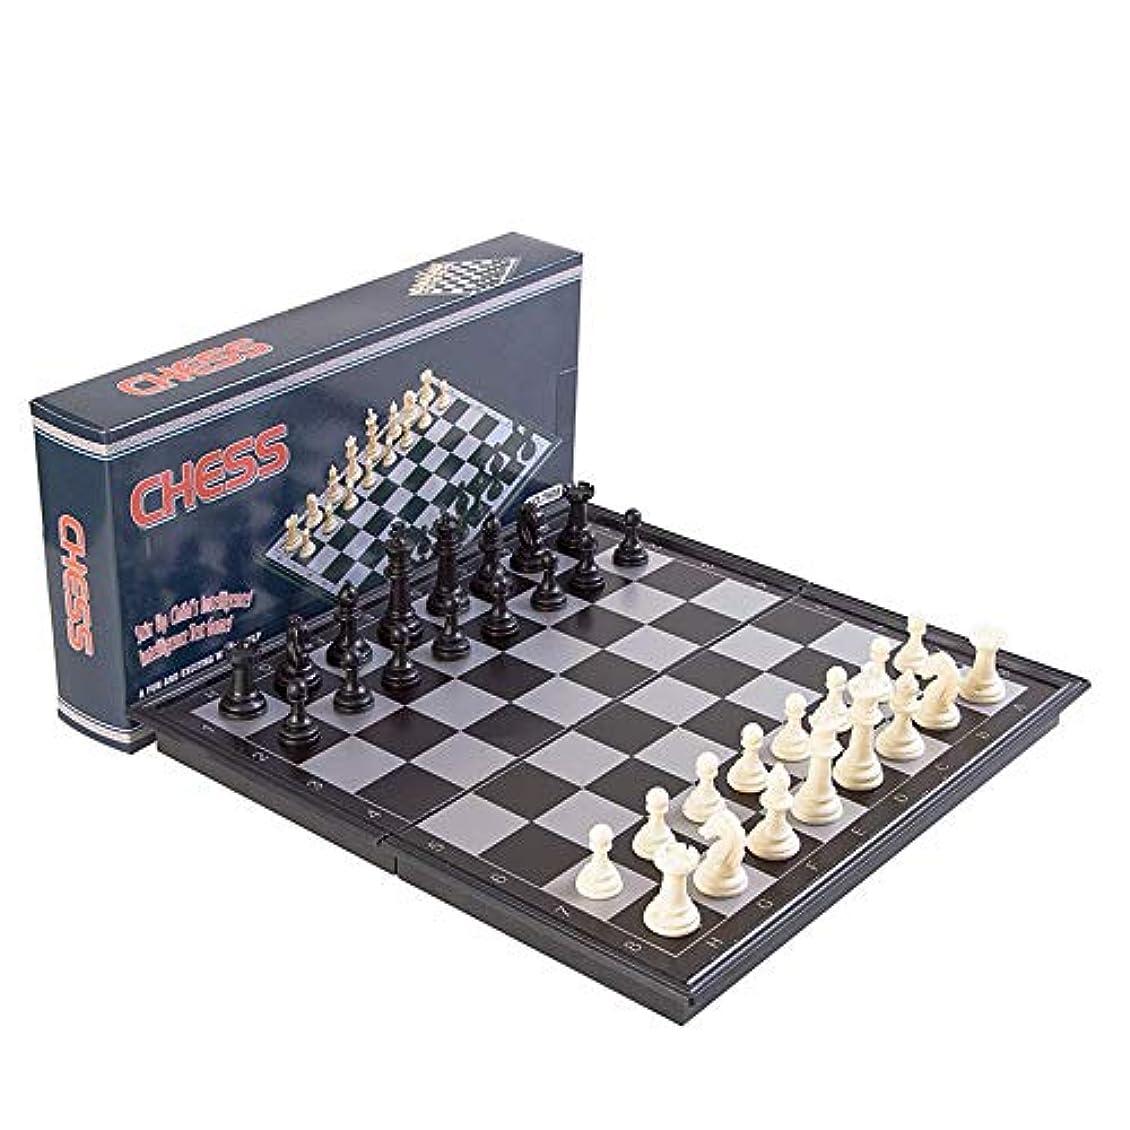 チェスセット セ 磁気旅行チェスセット3で1チェスチェッカーバックギャモンセット用大人子供折りたたみポータブルチェスセット伝統的なチェスゲーム マスターチェス (色 : As picture, サイズ : 24*12.3*3.7cm)